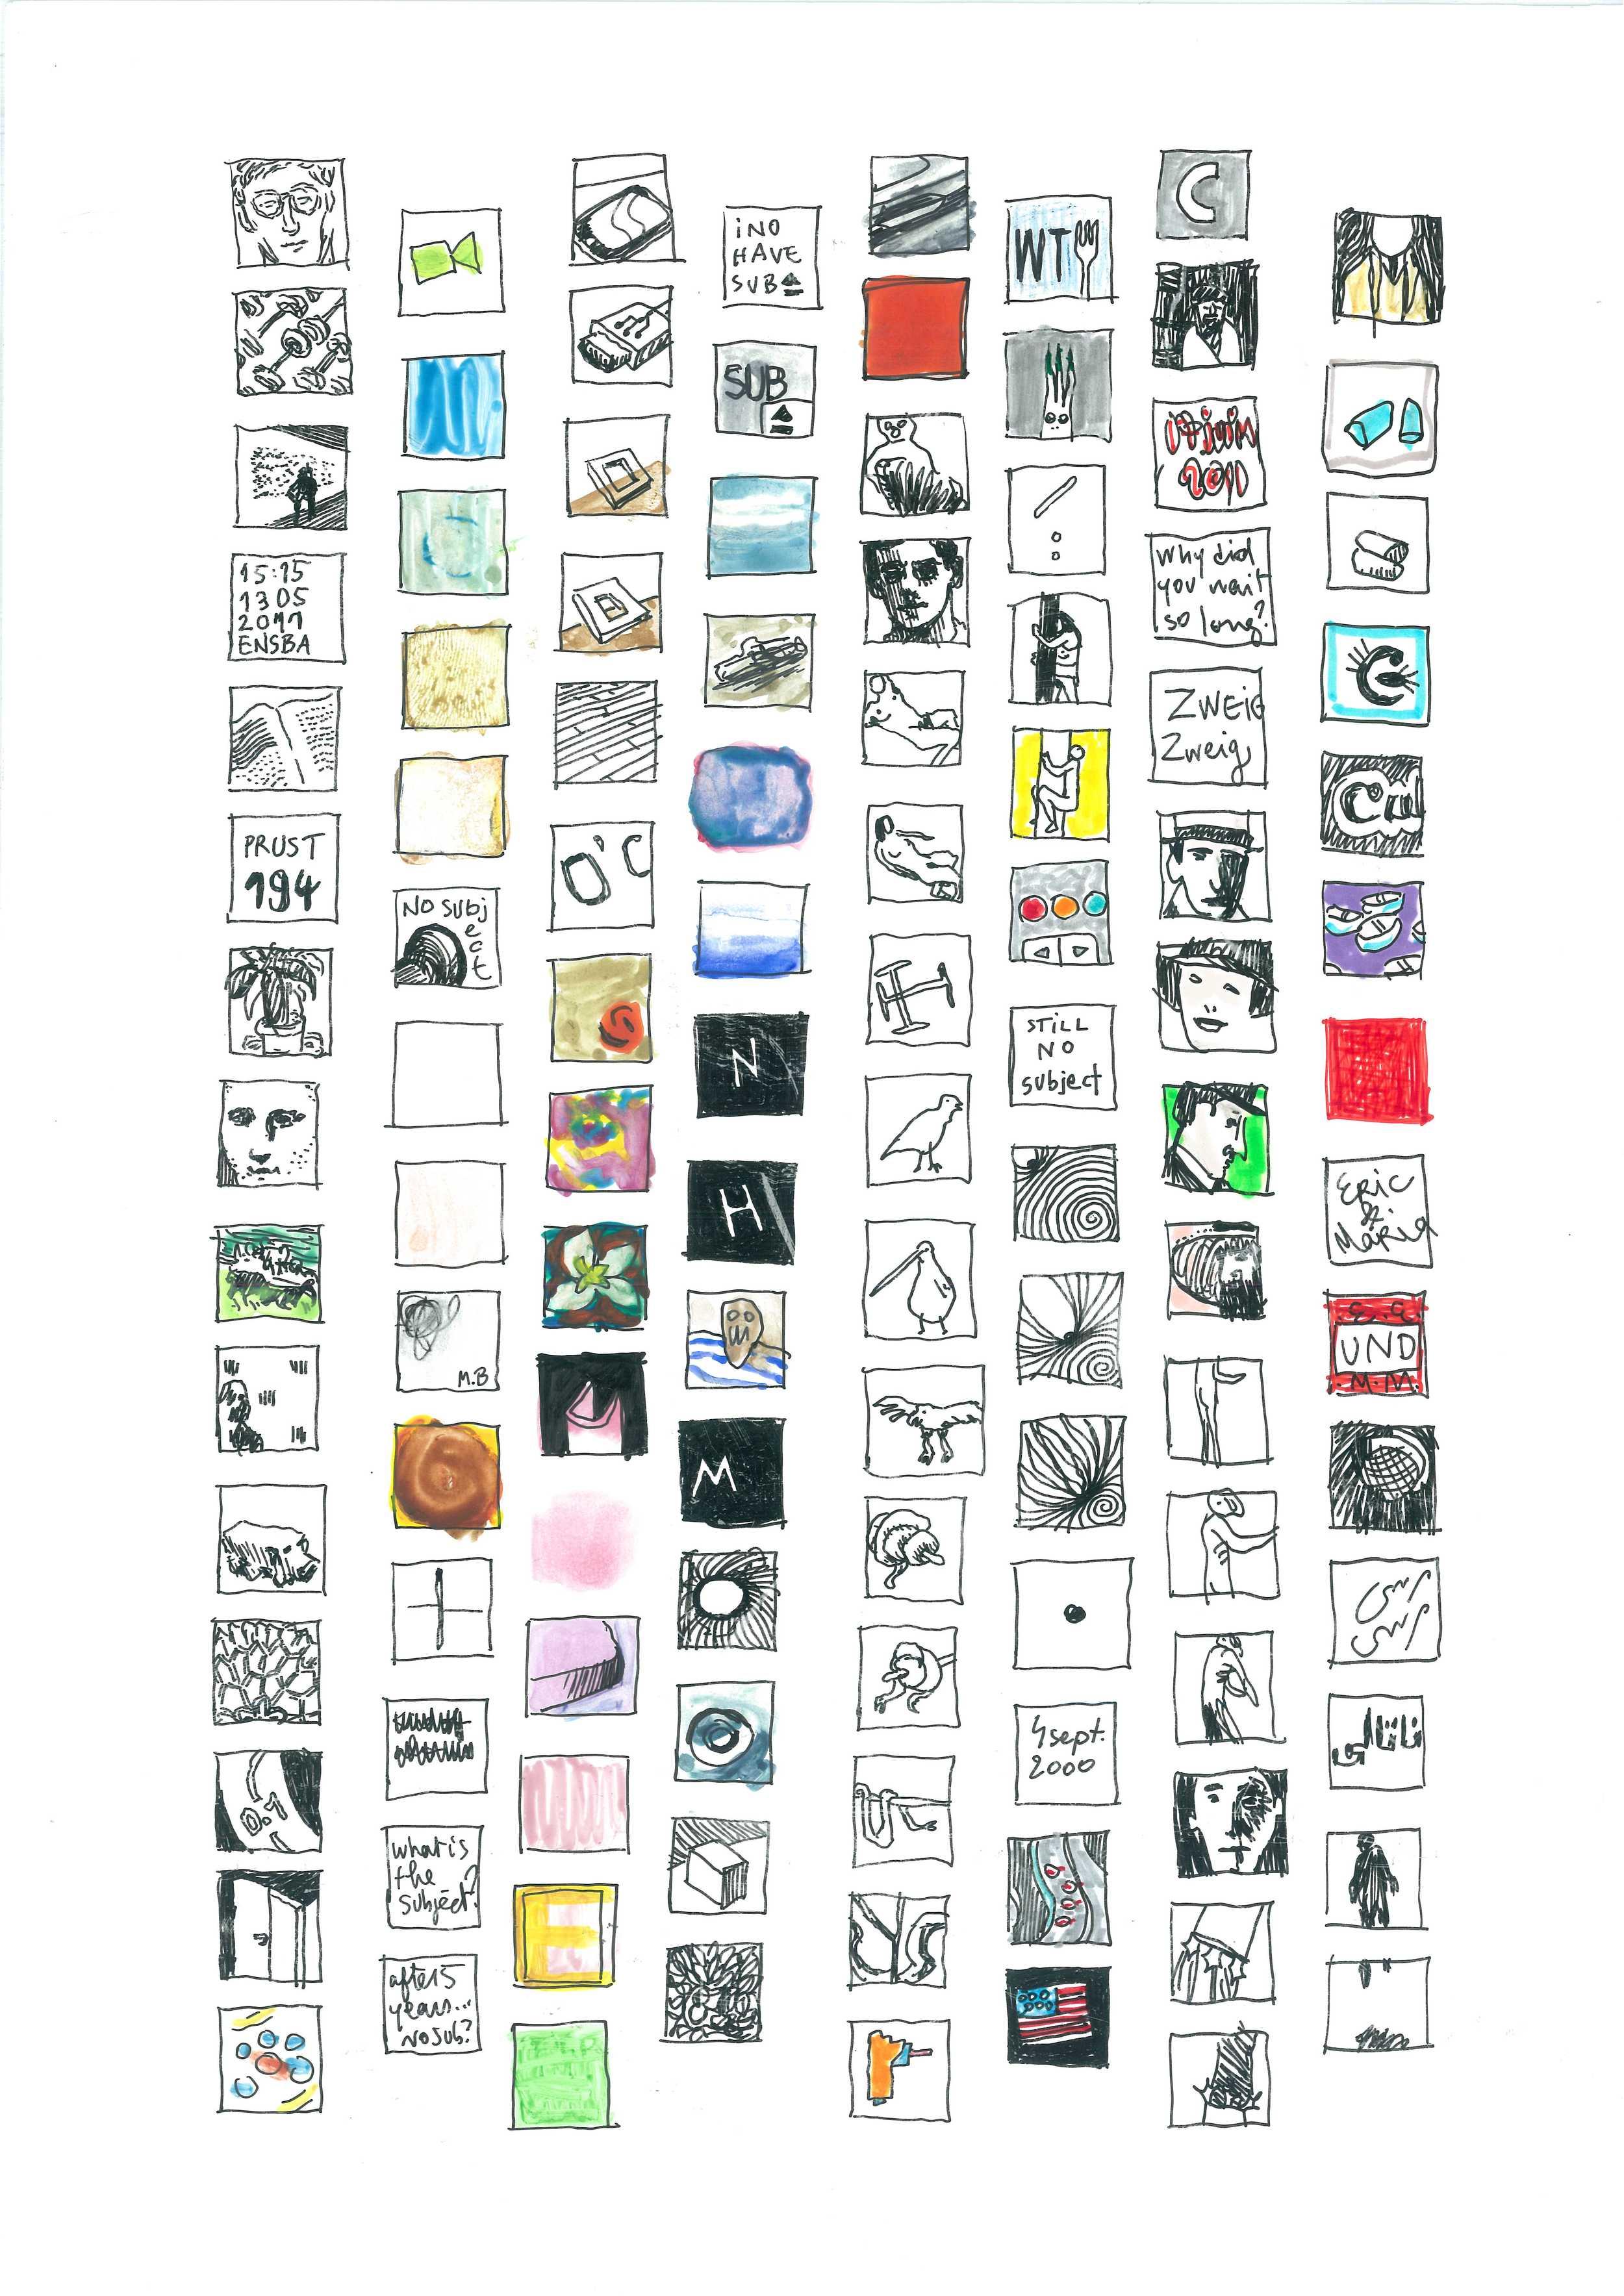 DANESH-Encyclopédie-0433.jpg